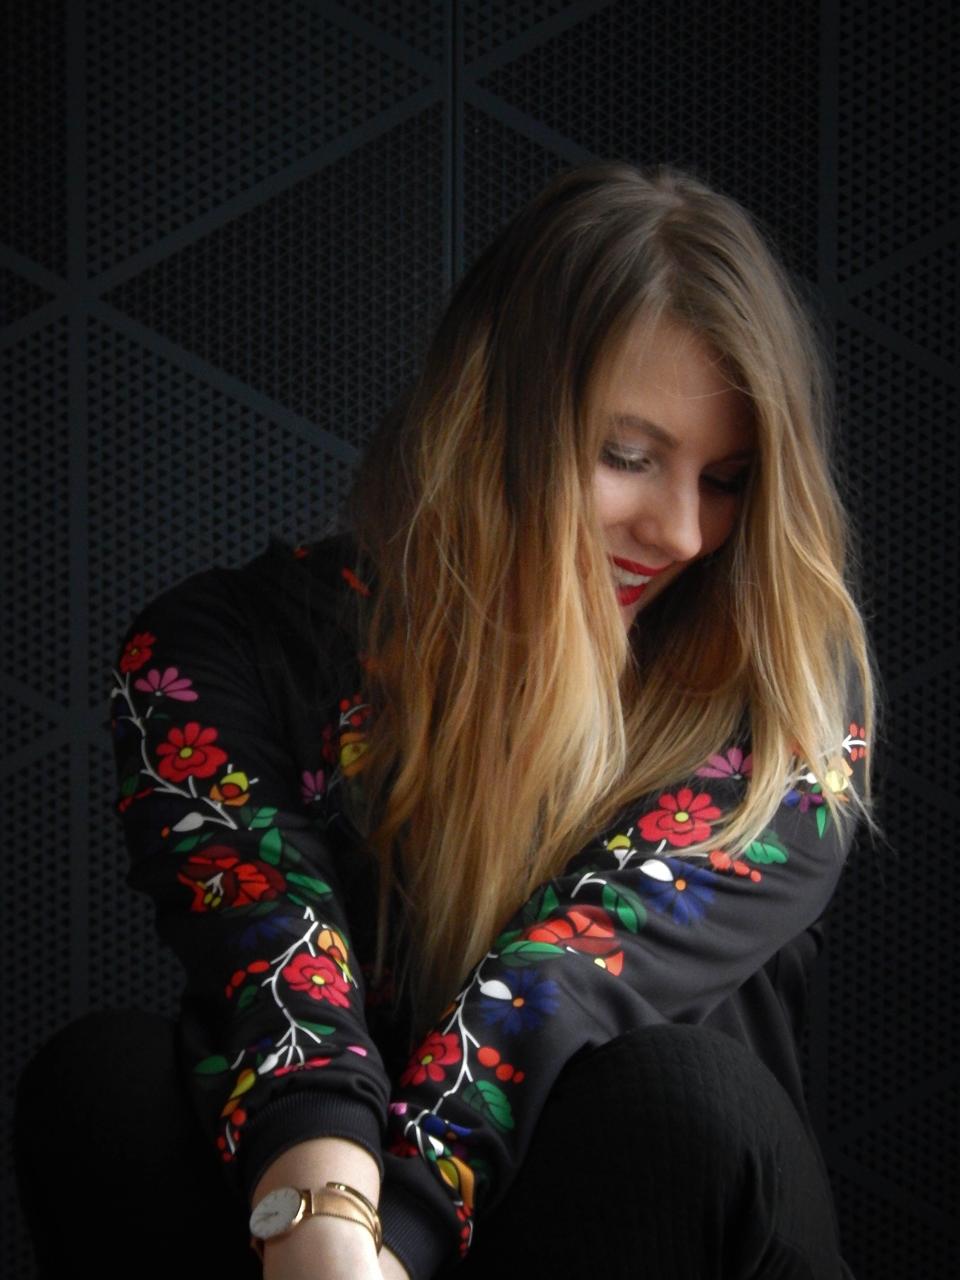 f2-2 folk by koko recenzja opinie ubrania folkowe łowickie motywy bluza góralska sukienka kodra łowicka folkowe ubrania moda ludowa pomysł na prezent fashion blog melodylaniella łódź dworzec łódź fabryczna